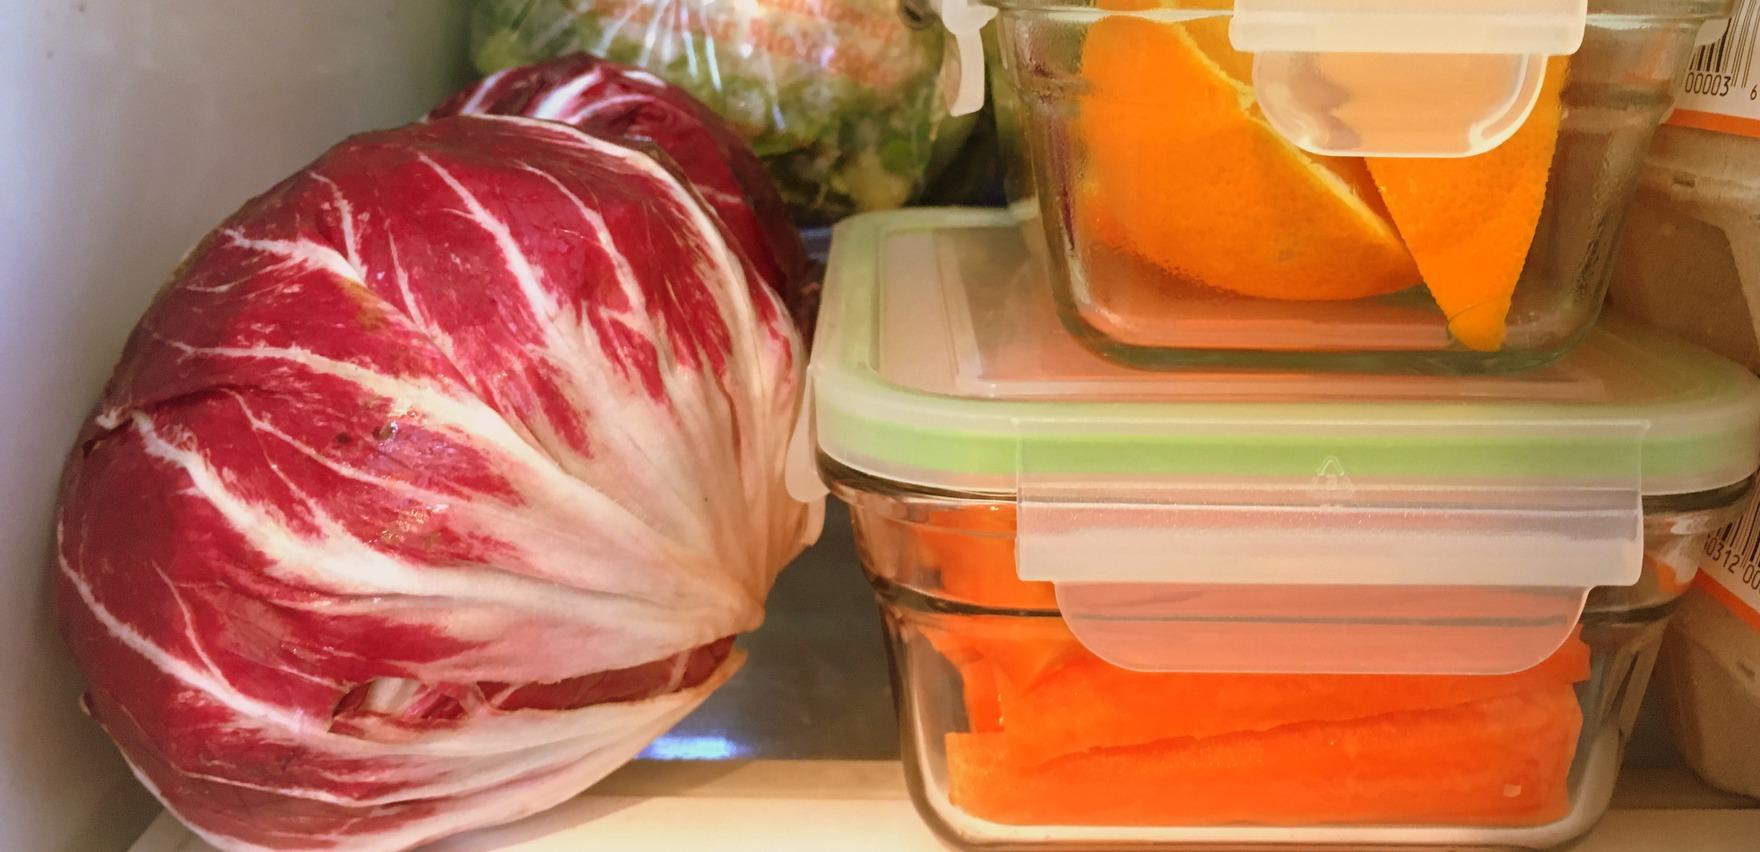 produce in fridge